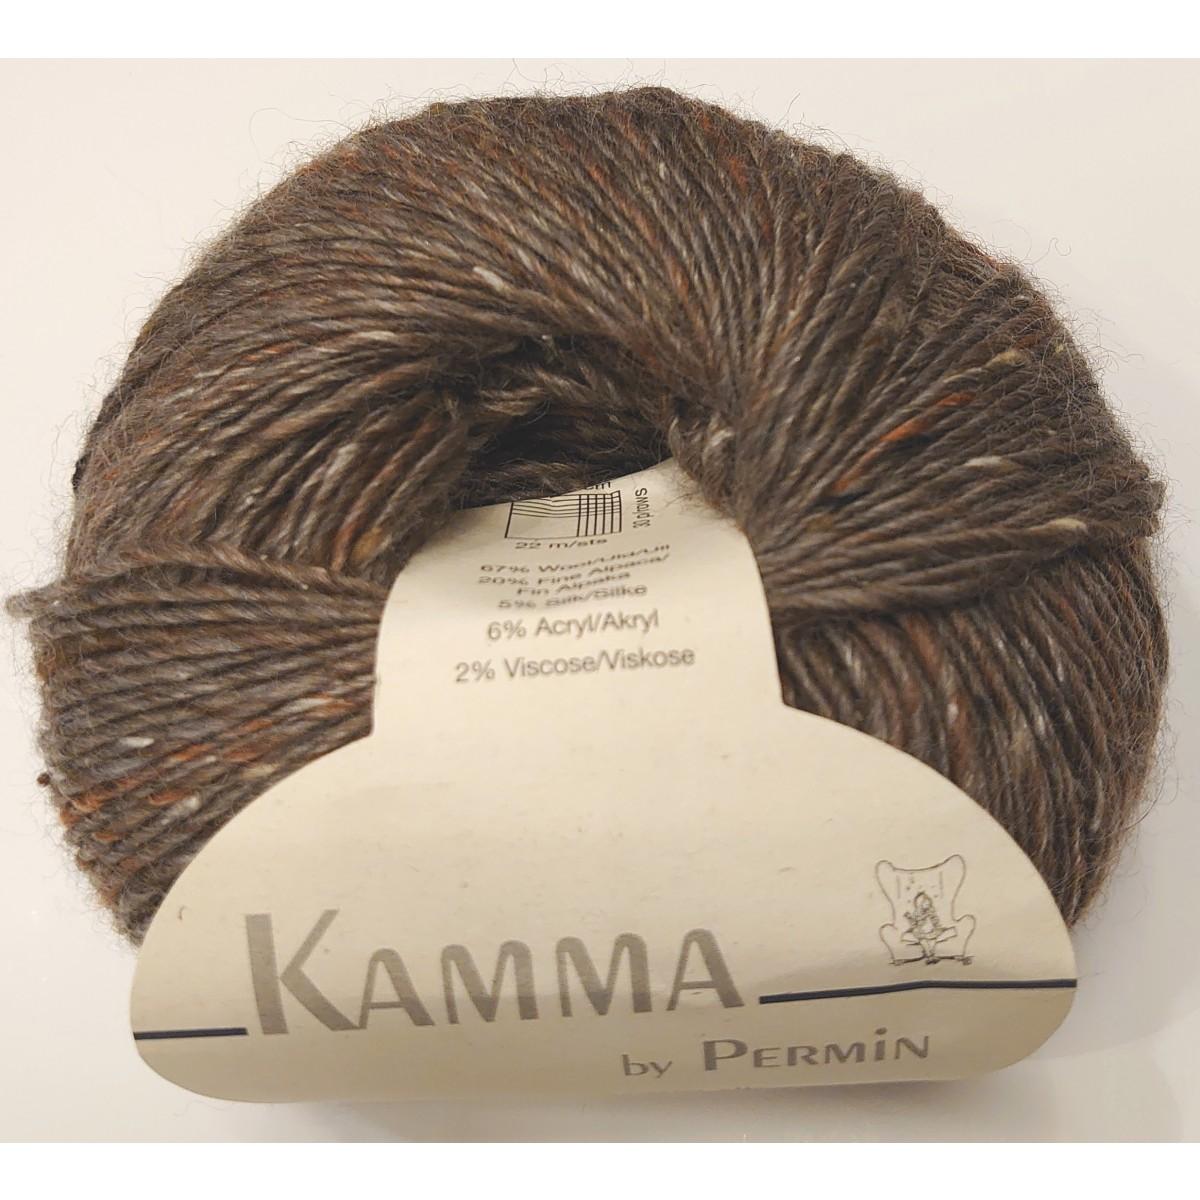 Kamma